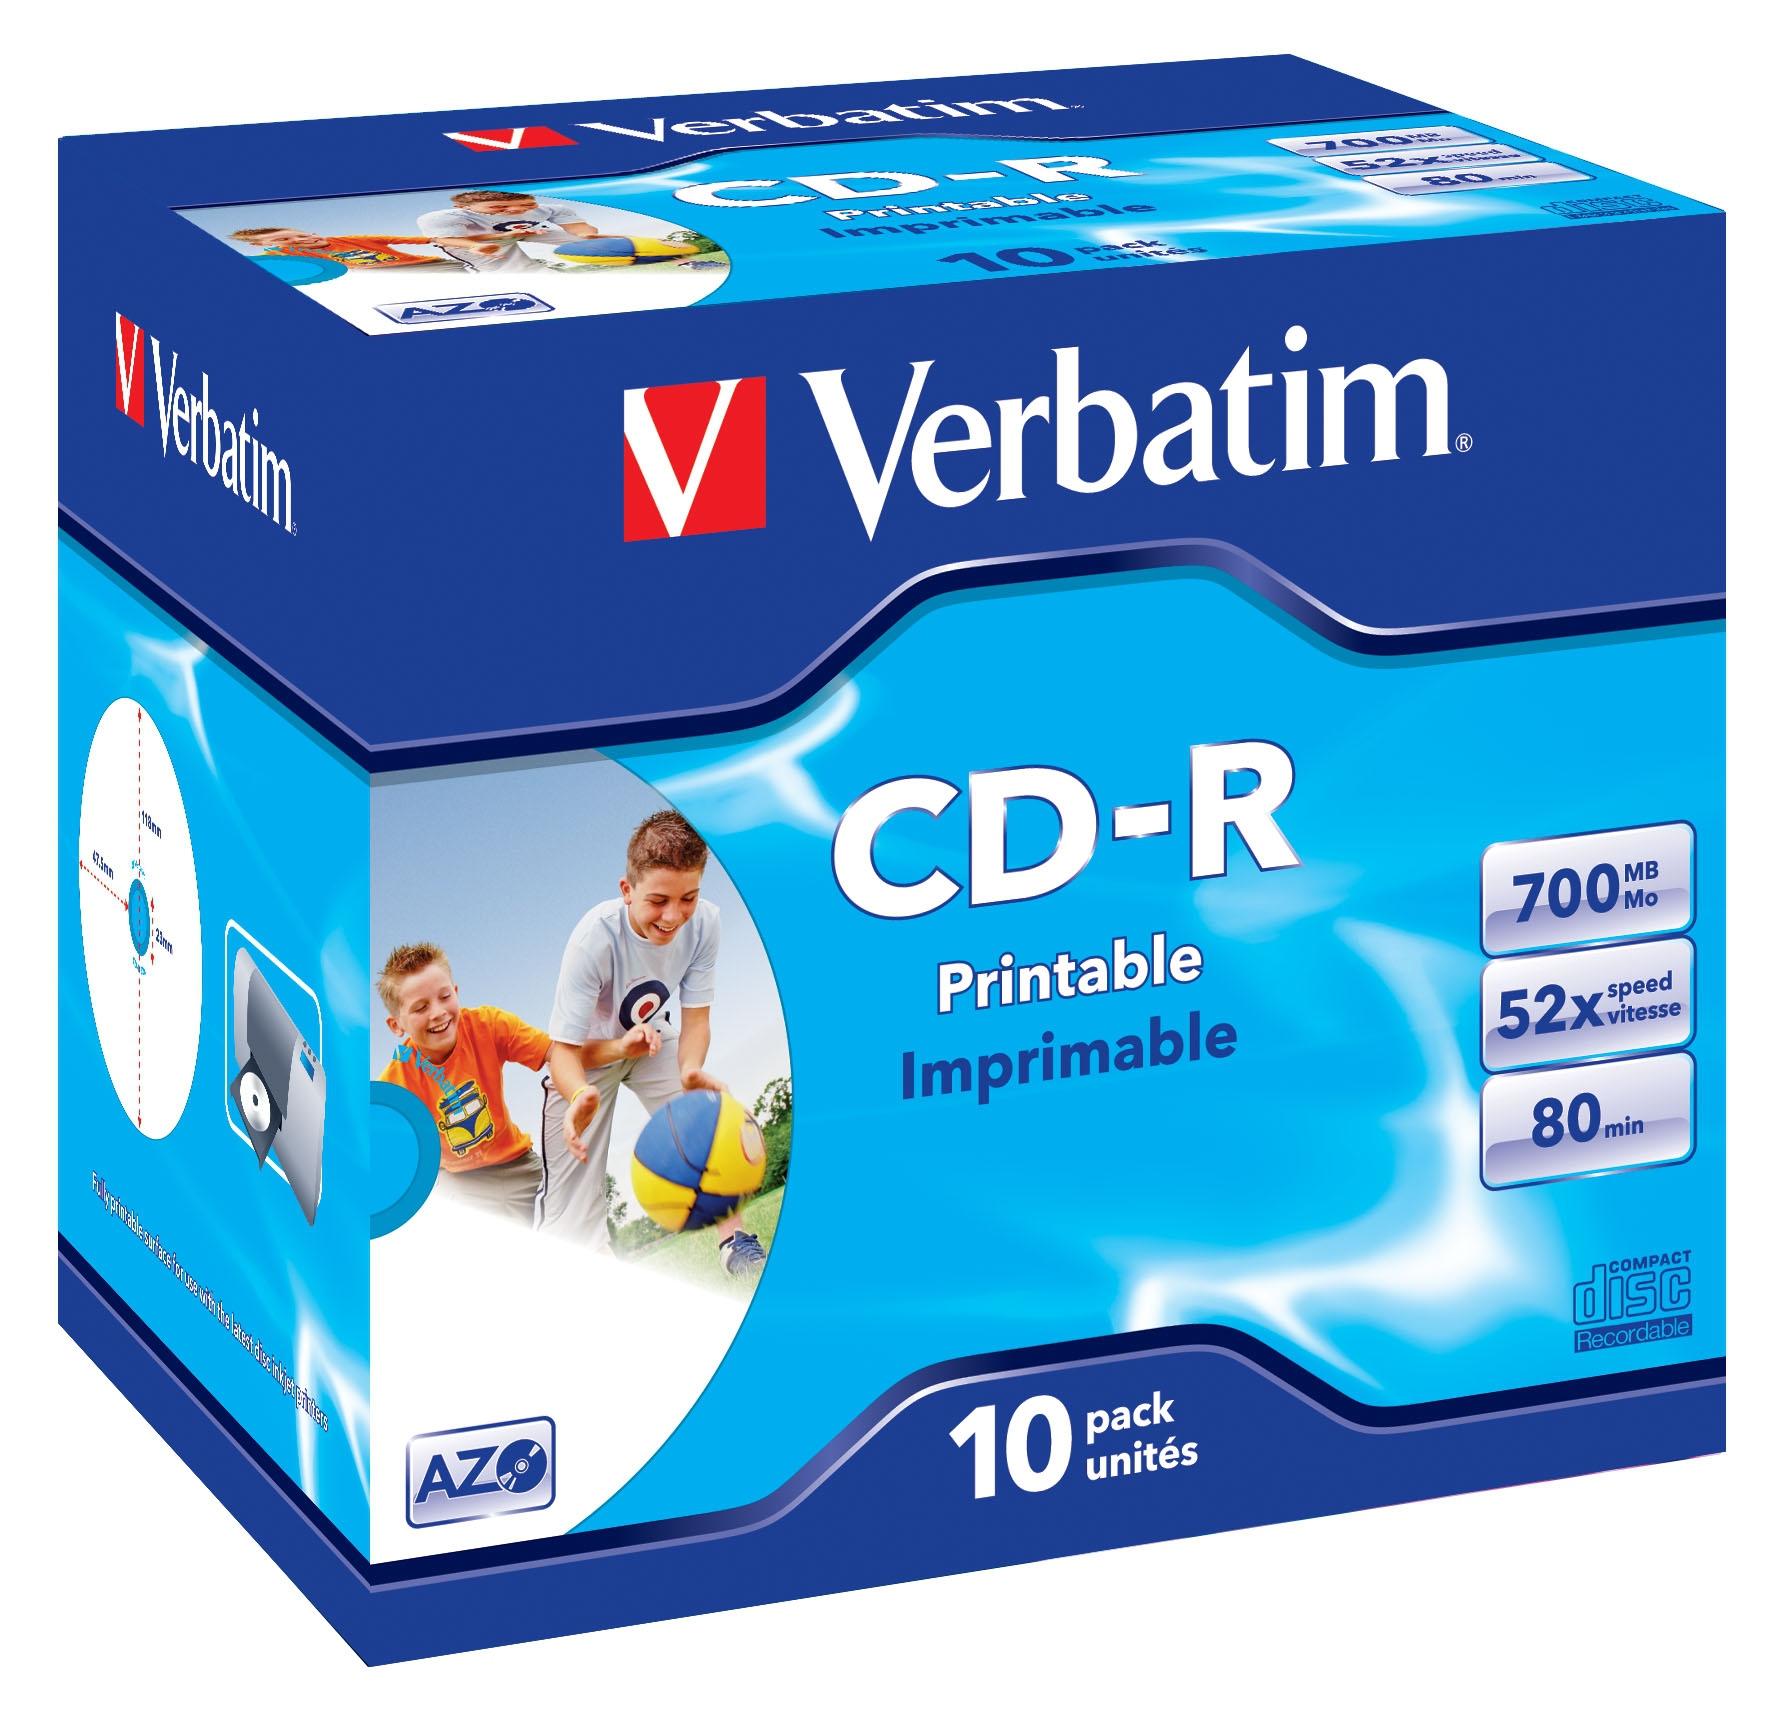 Superb image in verbatim cd r printable